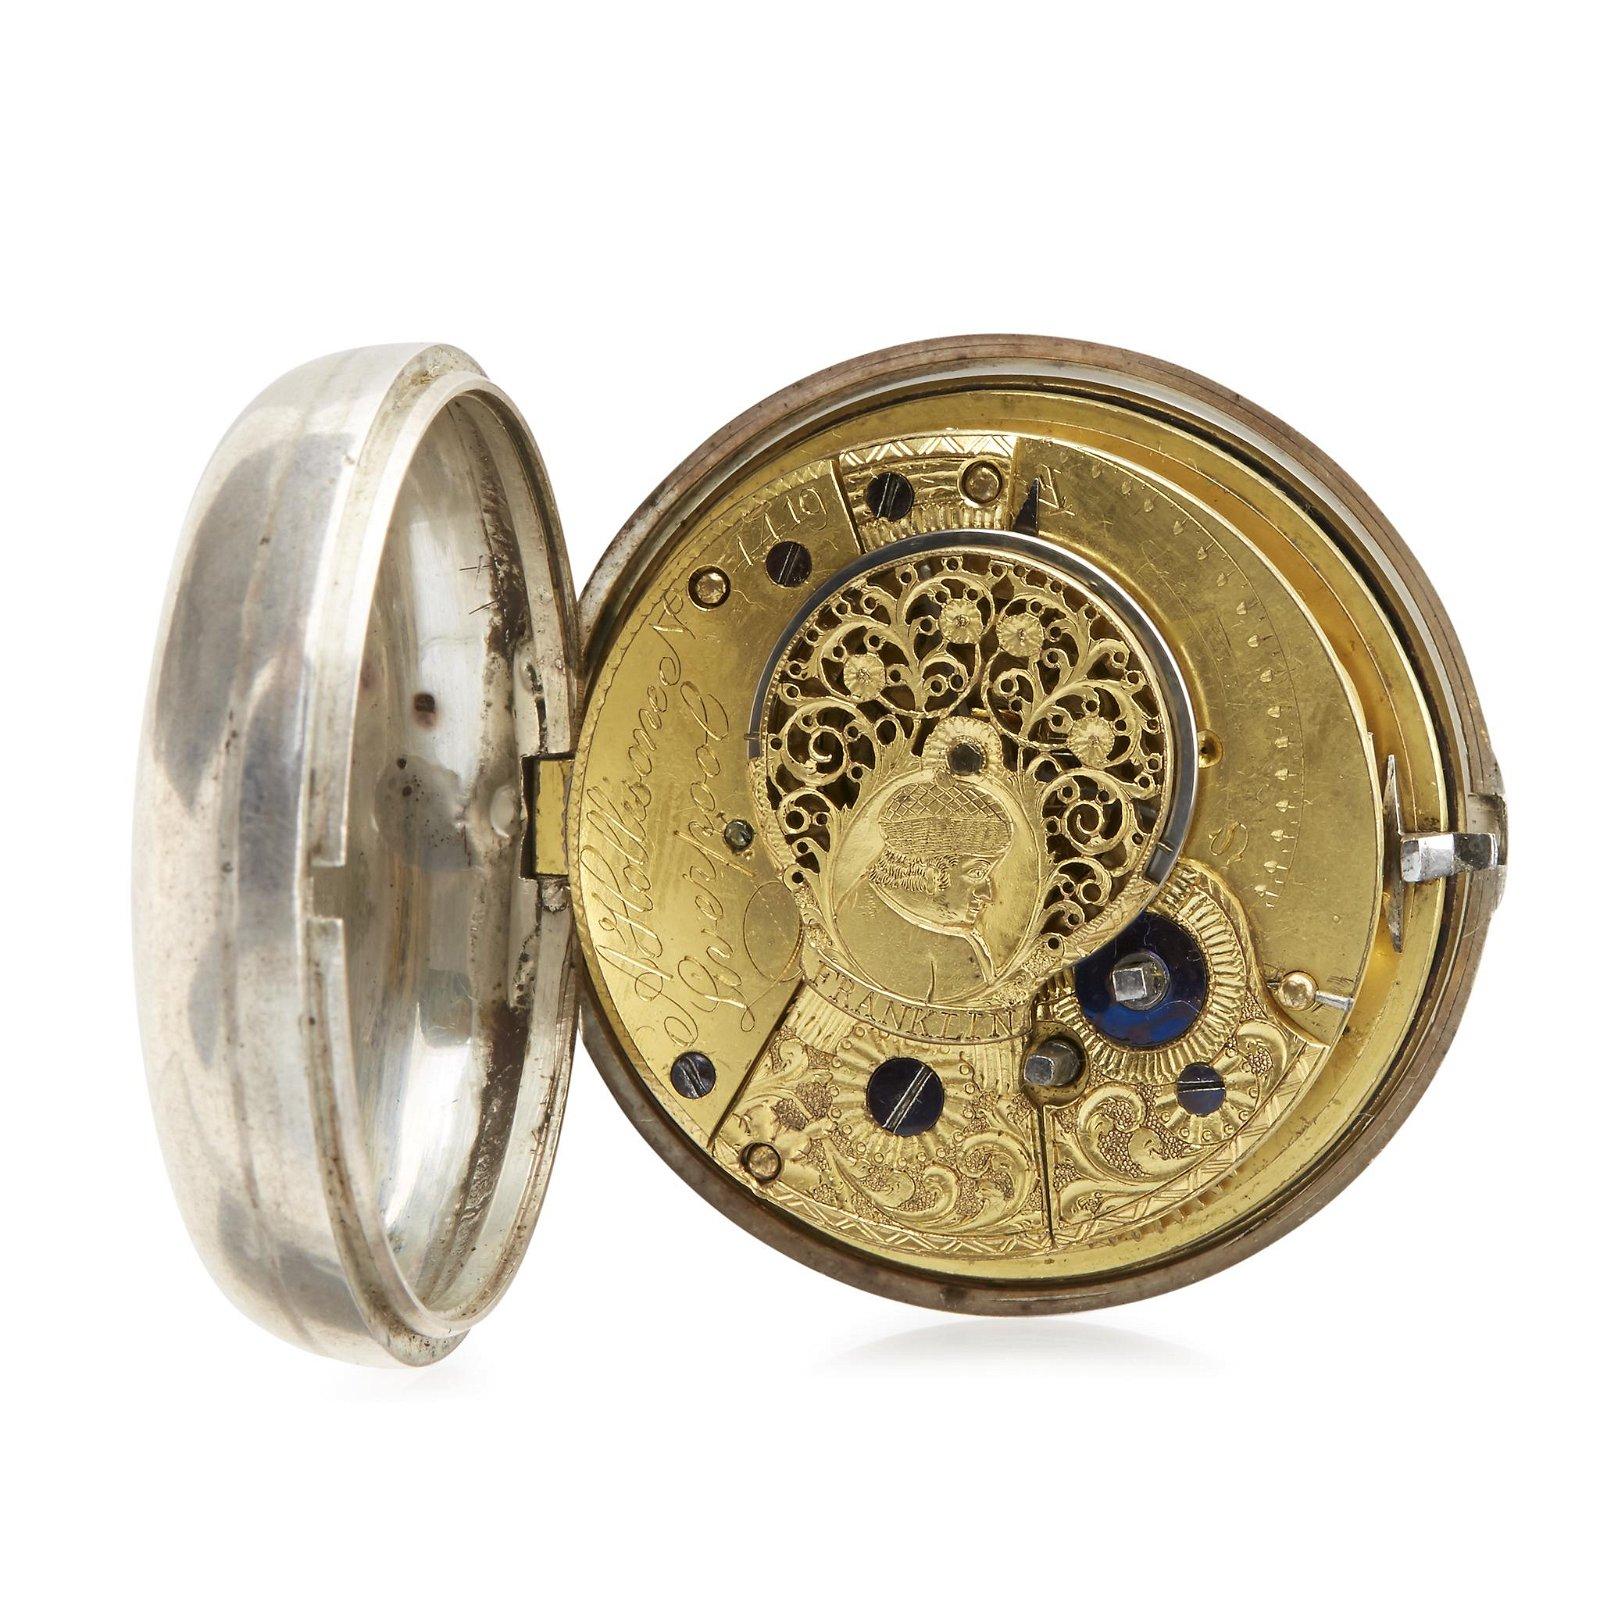 Sterling silver open-face pocket watch, A. Hollisone,